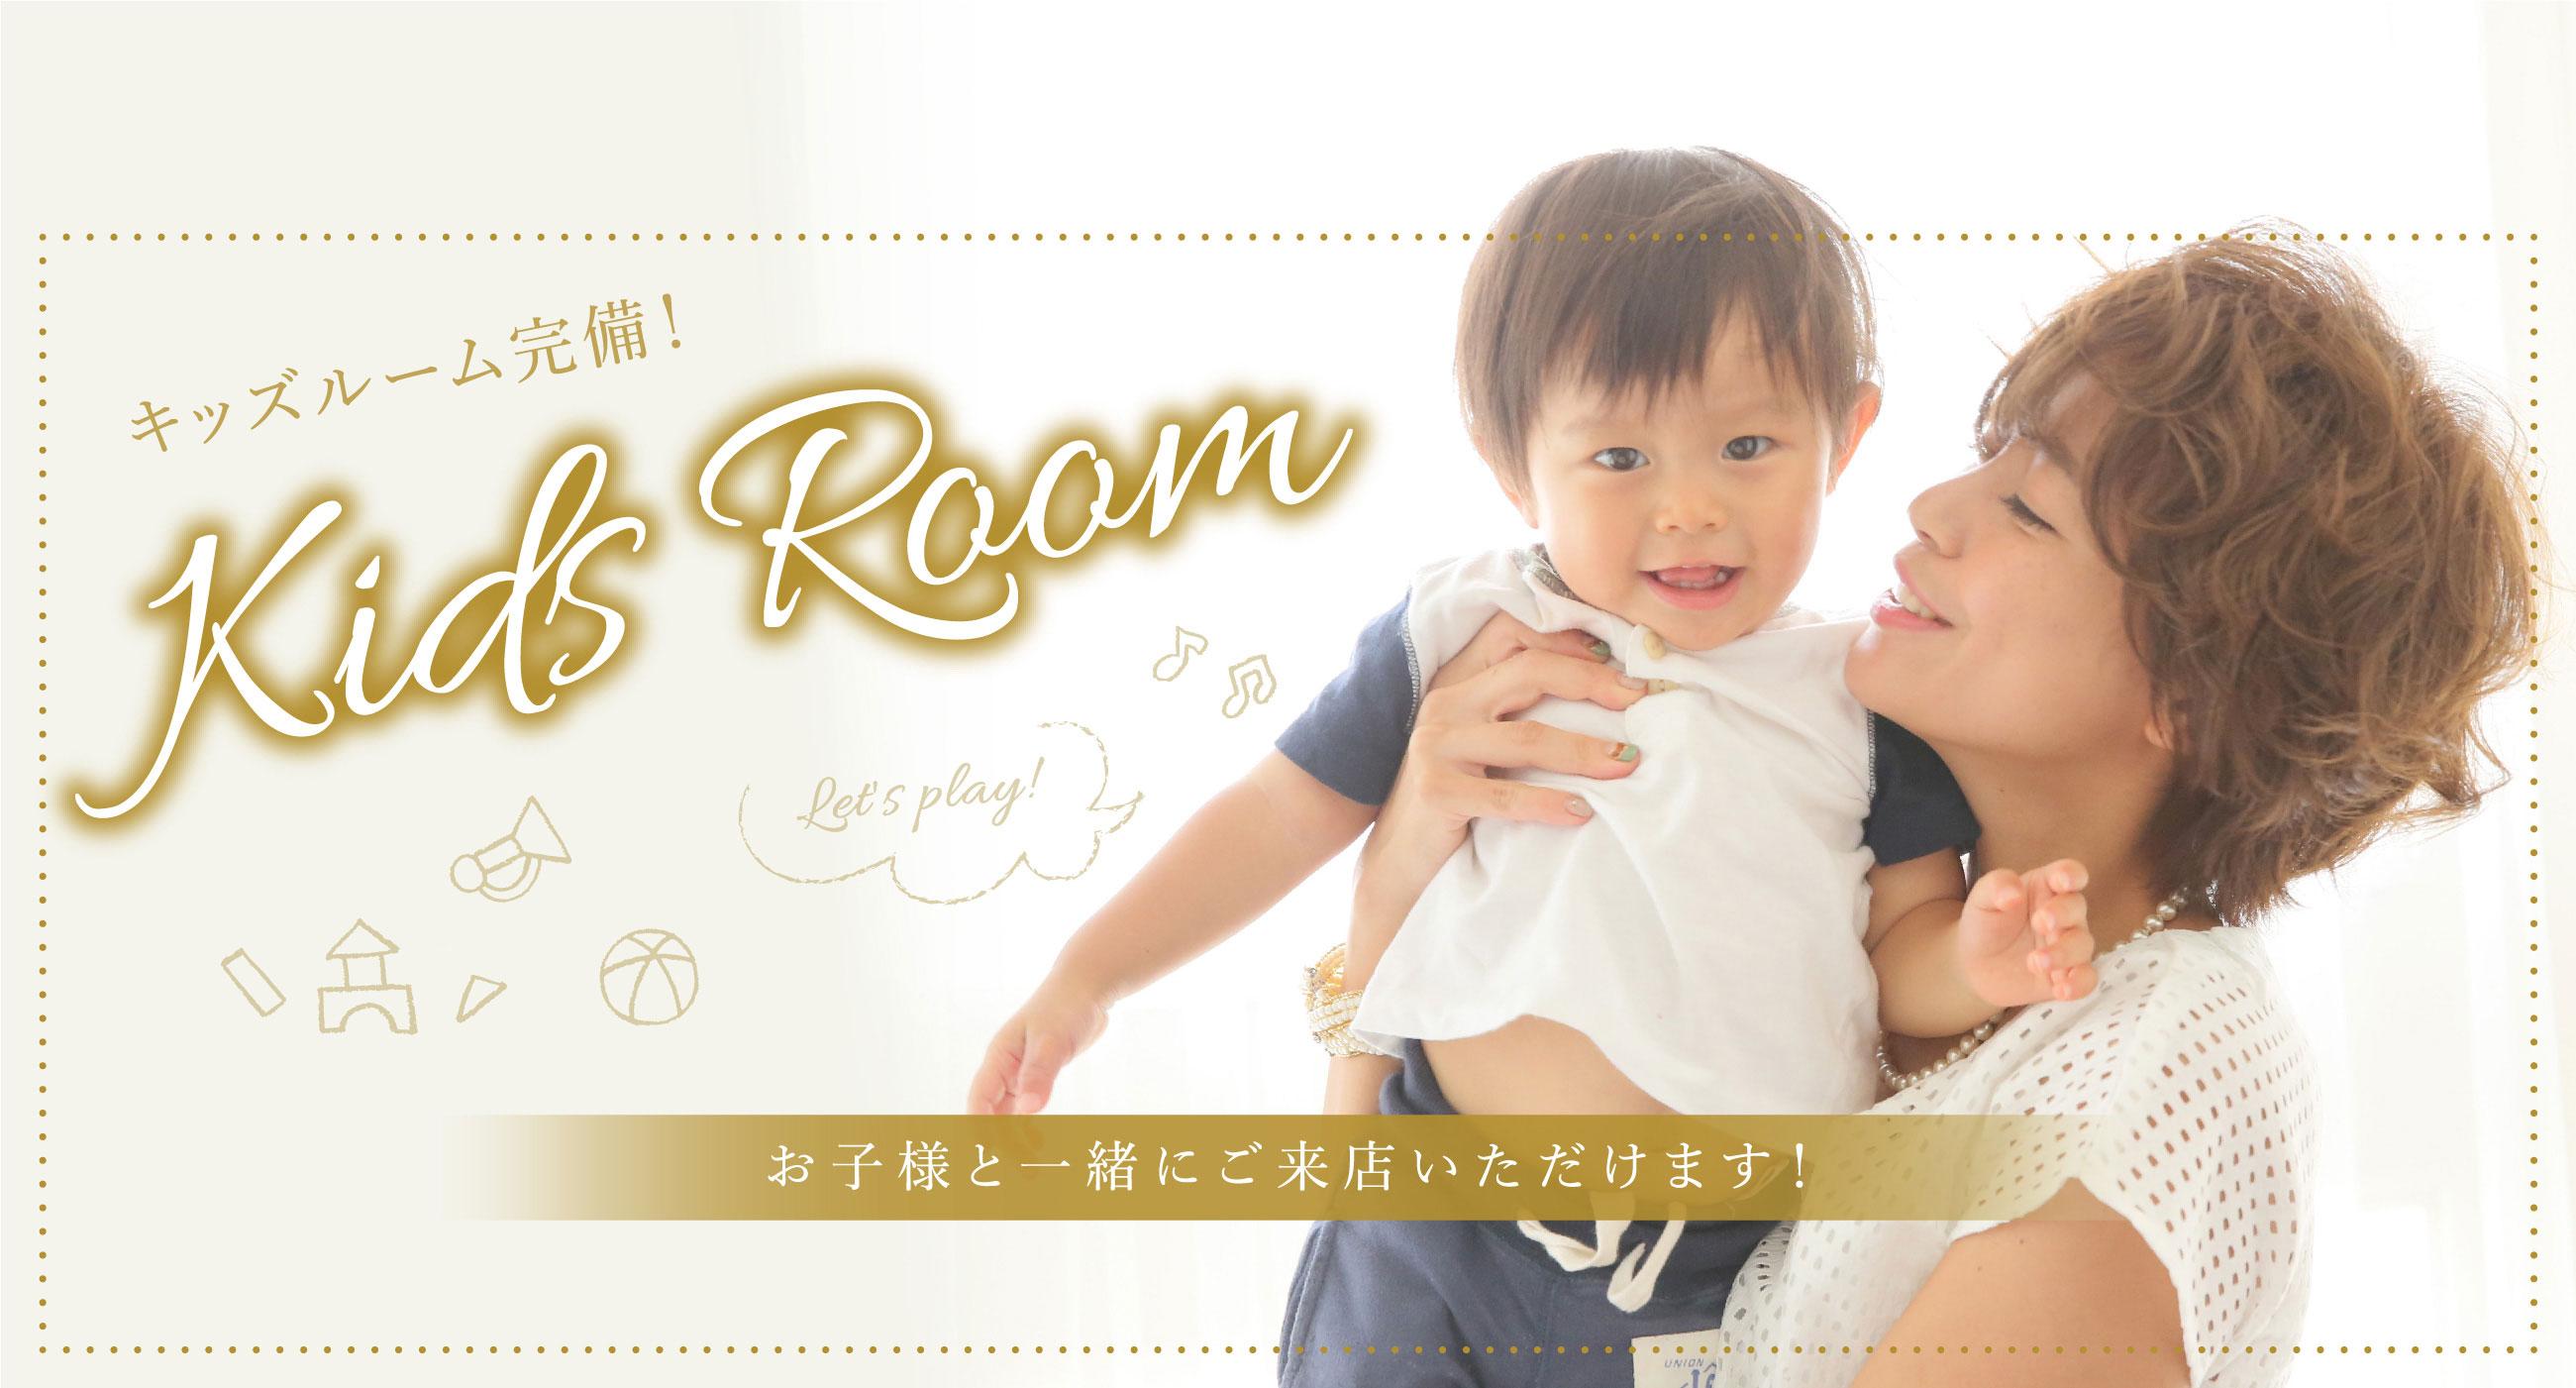 キッズルーム完備! Kids Room